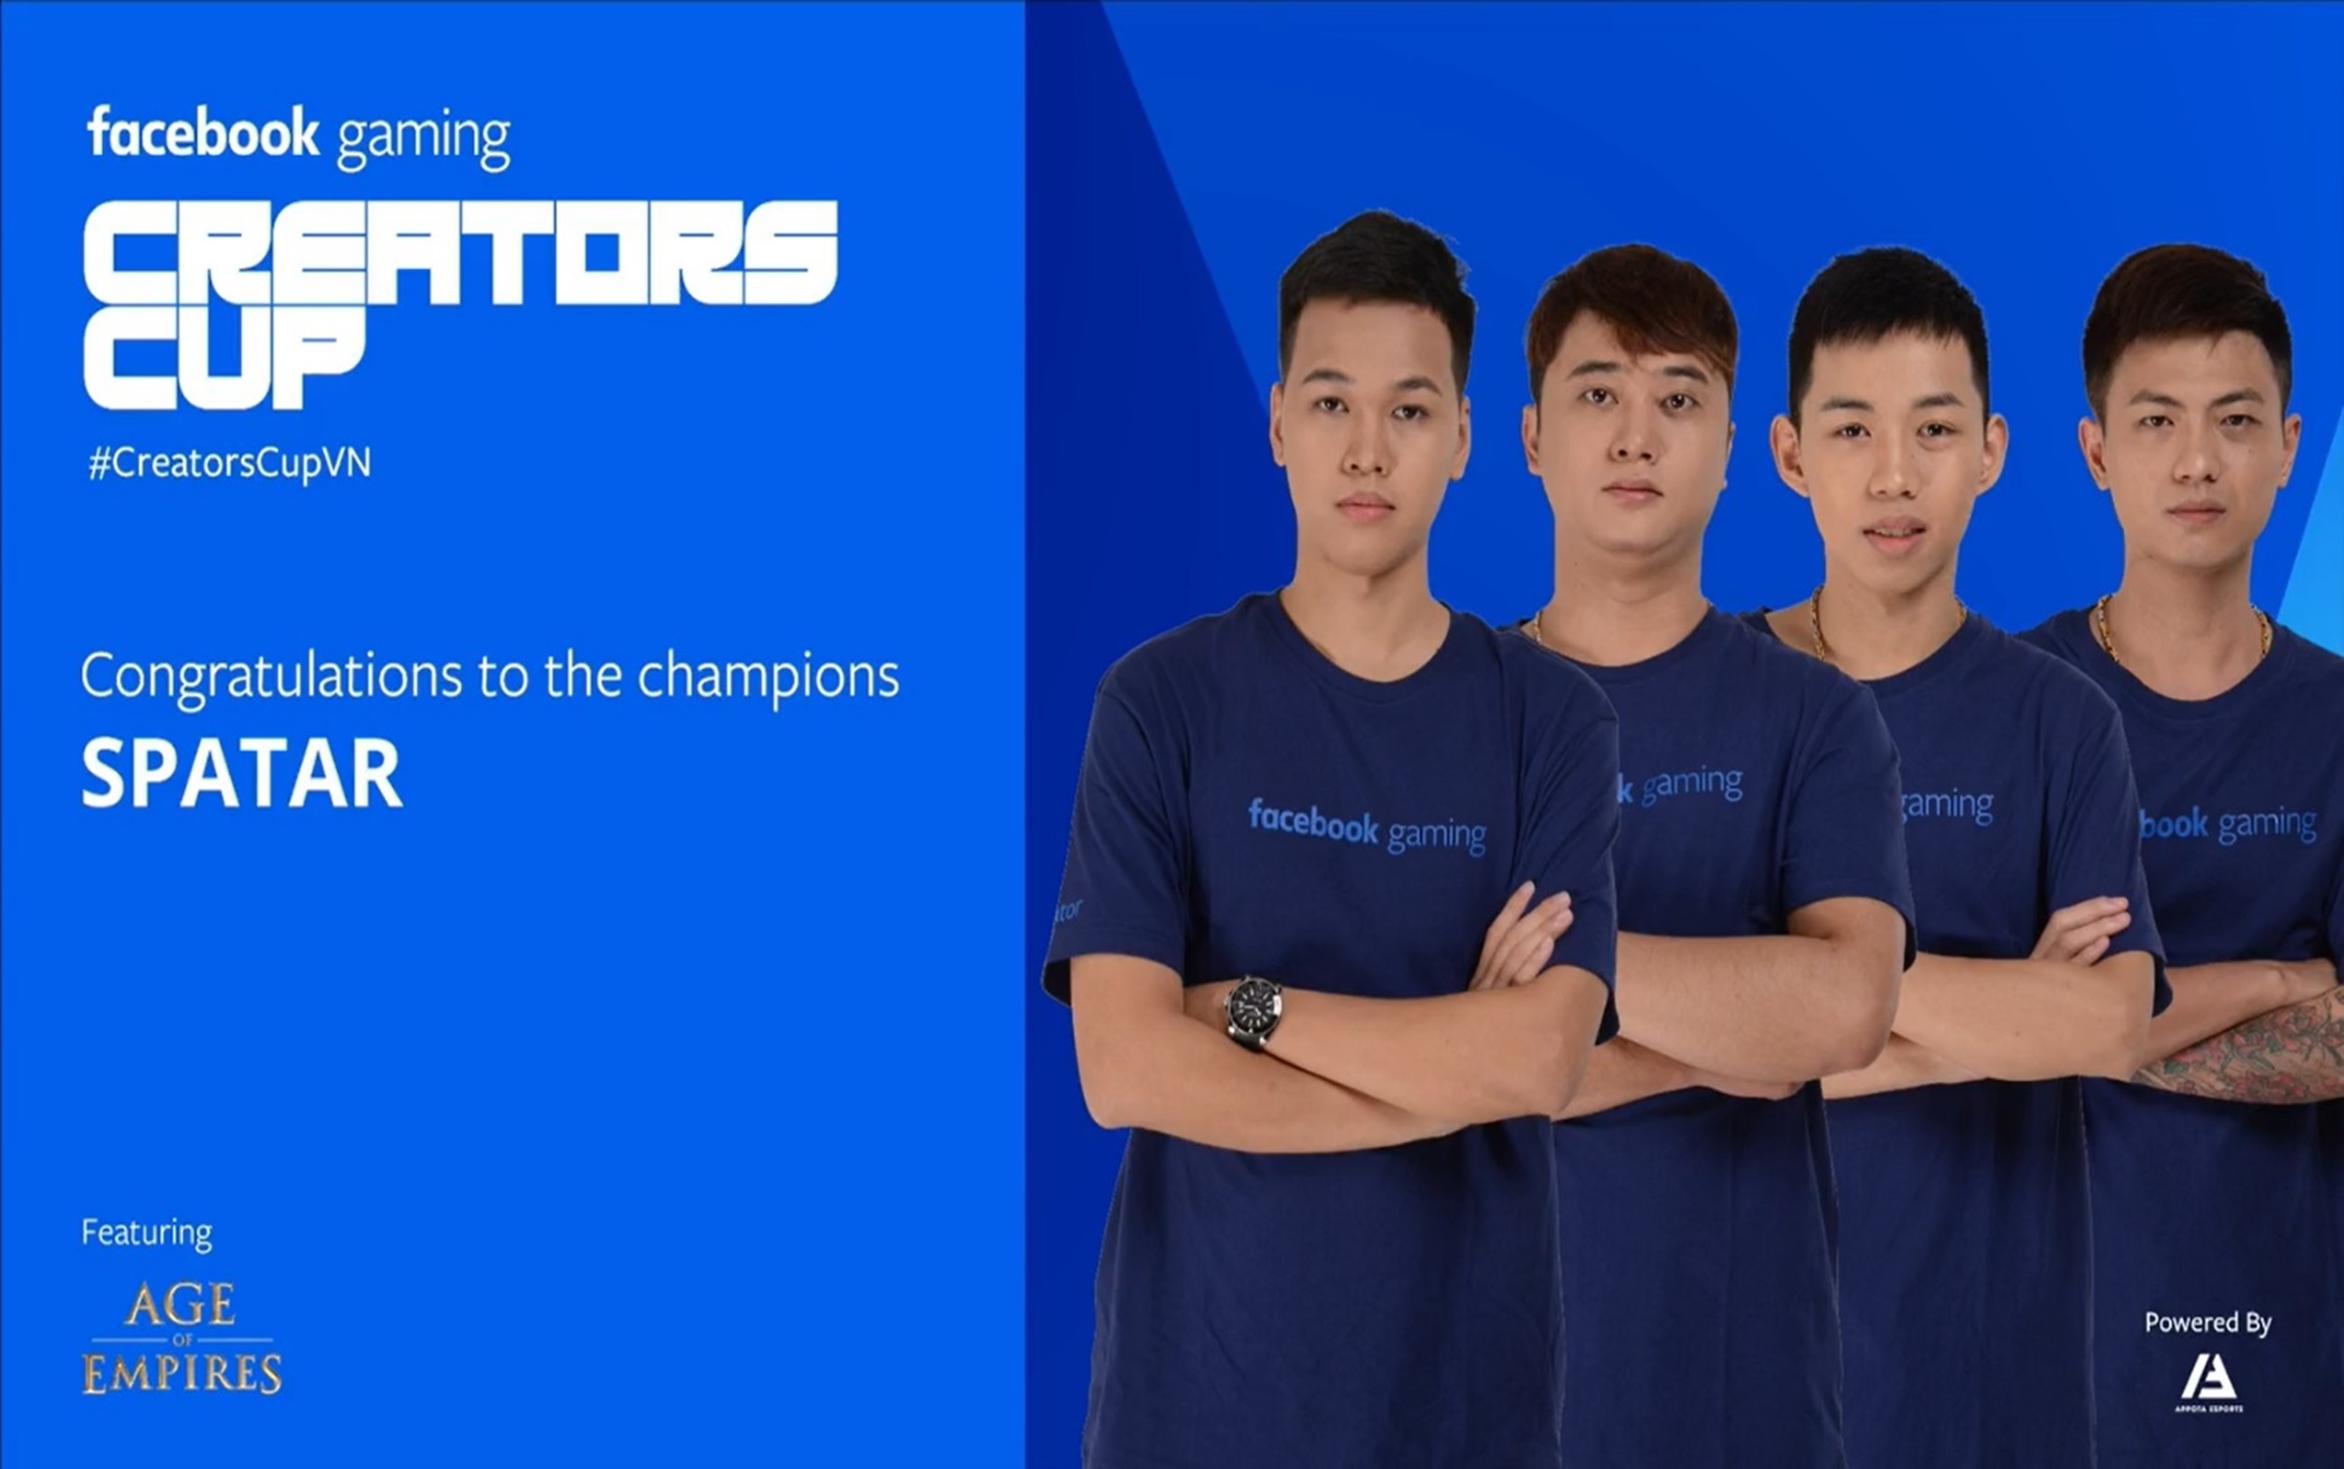 Sparta lên ngôi vô địch AoE Facebook Gaming Creators Cup 2019: Đường dài mới biết ngựa hay